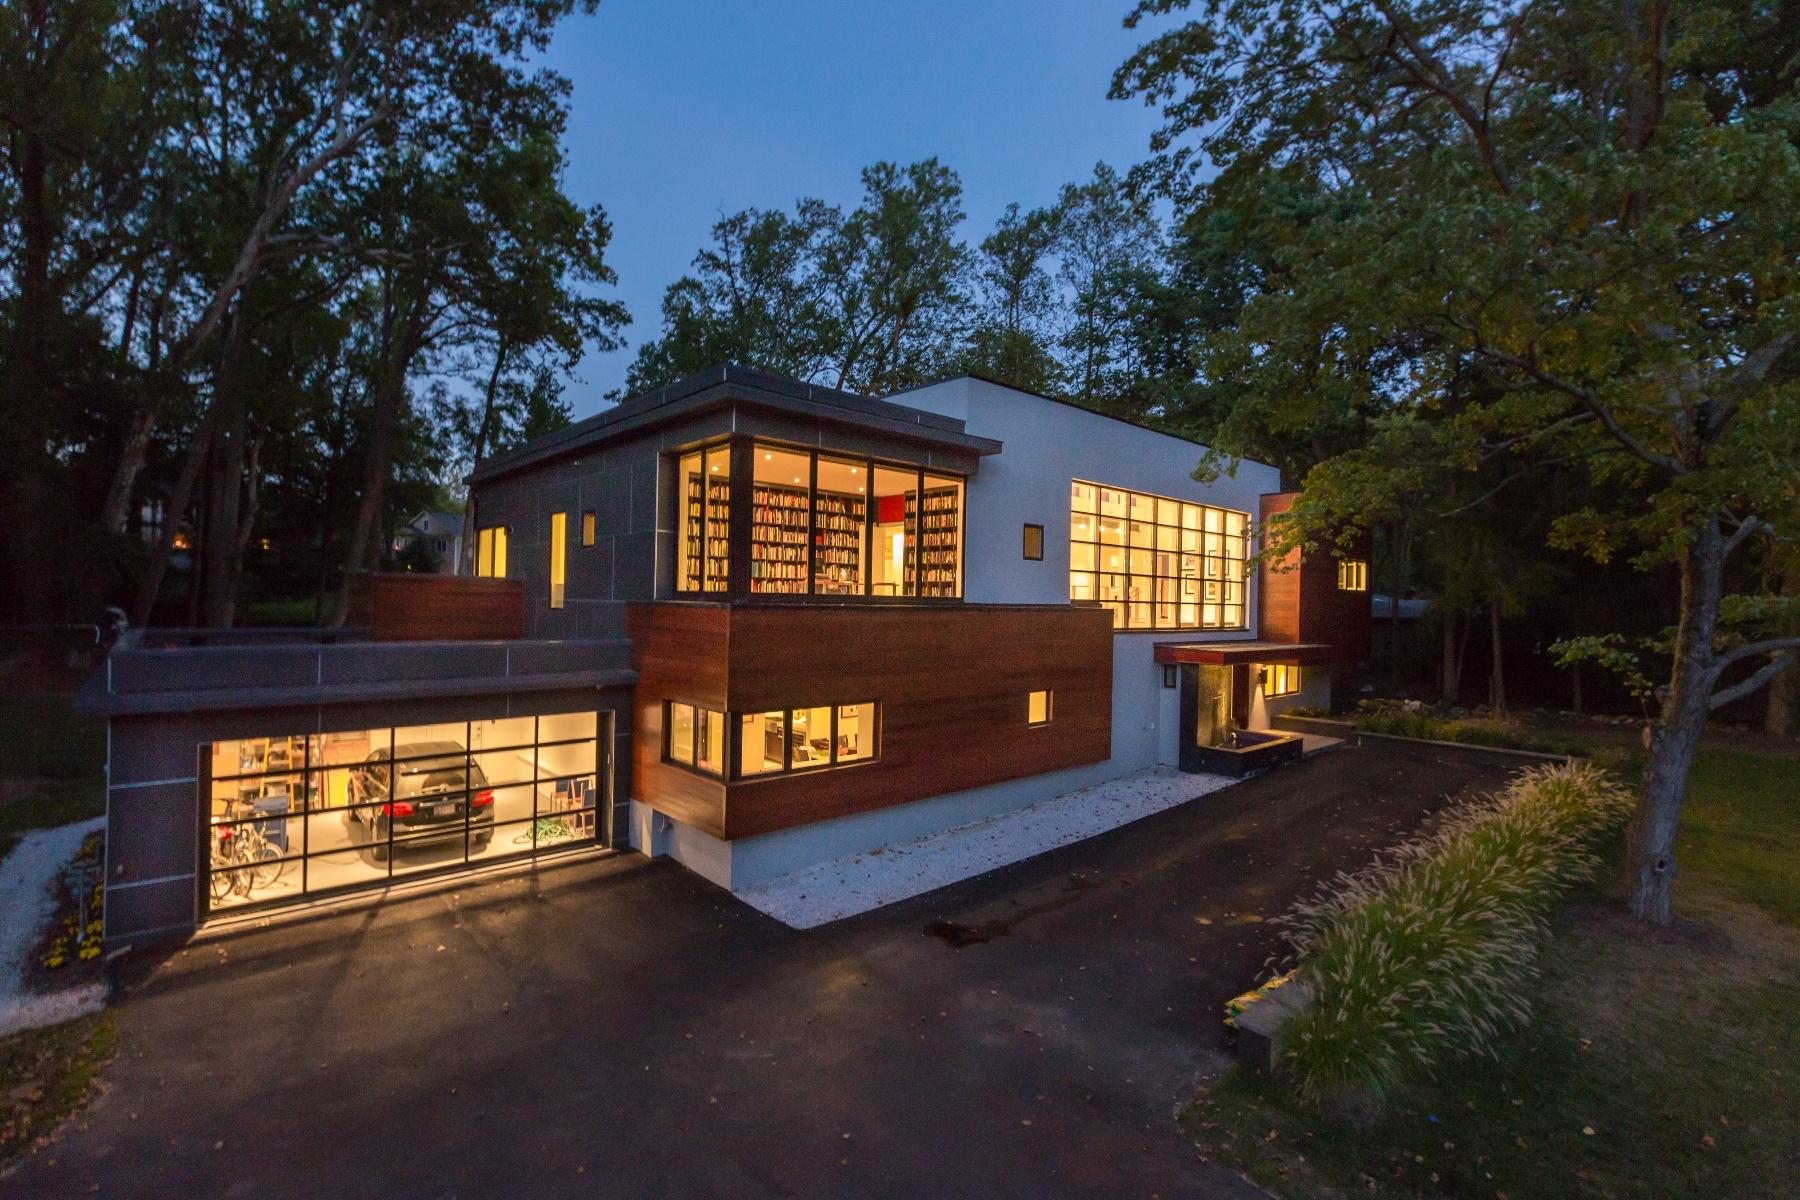 Частный односемейный дом для того Продажа на 6309 Bradley Boulevard, Bethesda 6309 Bradley Blvd Bethesda, Мэриленд 20817 Соединенные Штаты